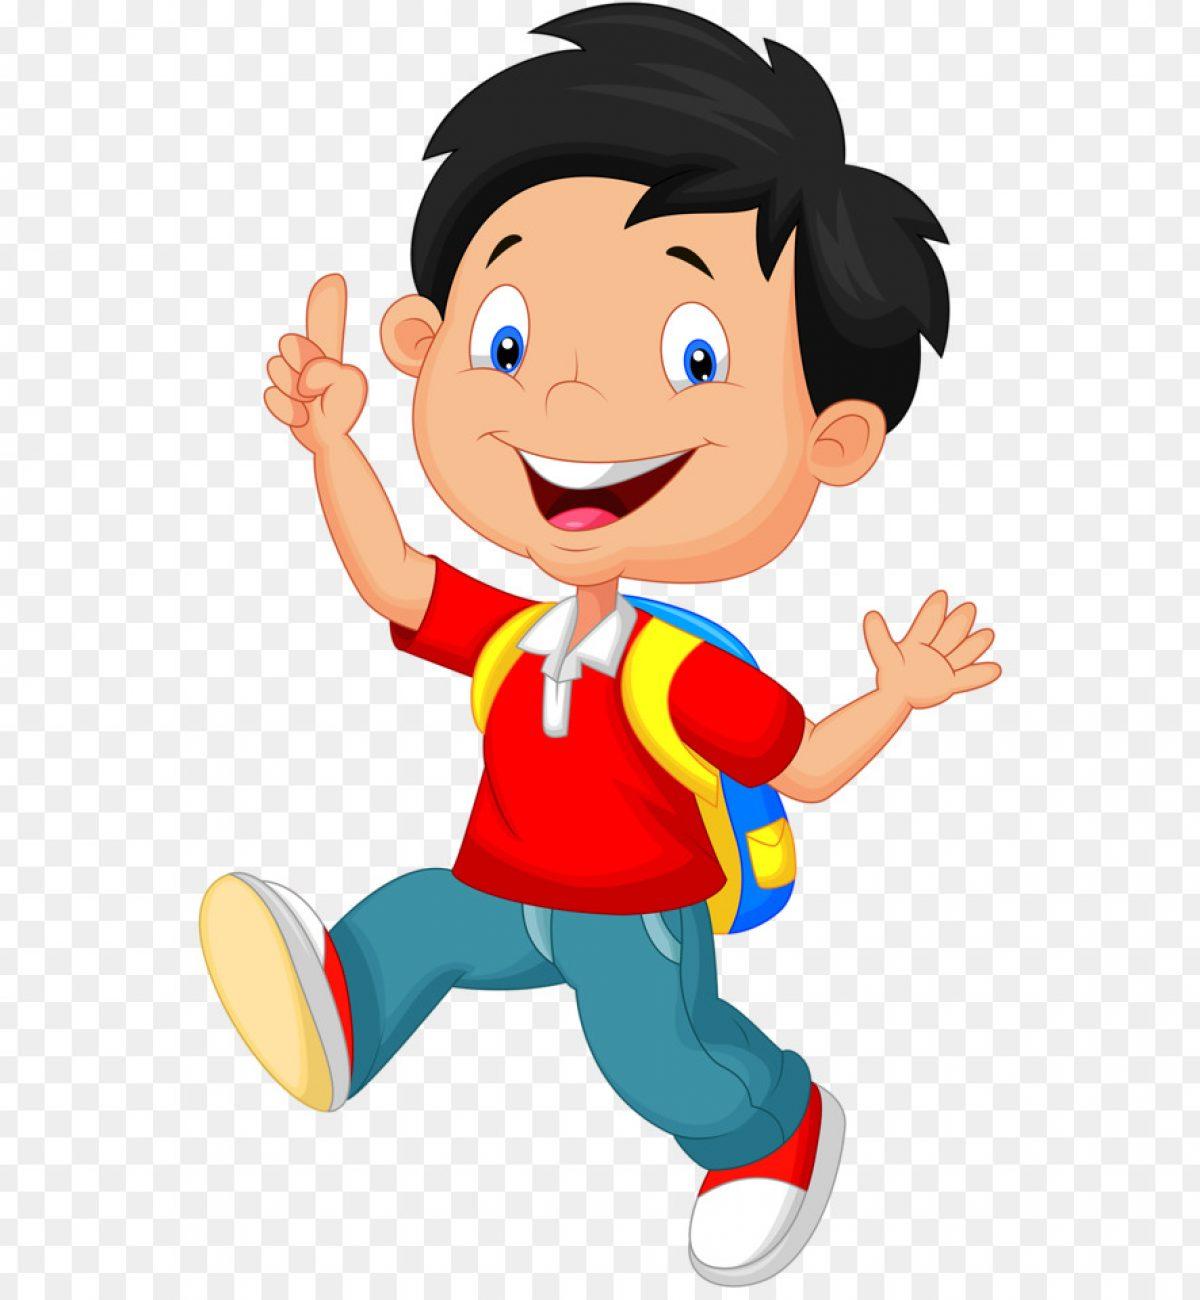 kisspng-school-vector-graphics-cartoon-child-clip-art-clipart-child-worship-school-child-cartoon-png-5d142f4ec31e79.1677303215616039187992